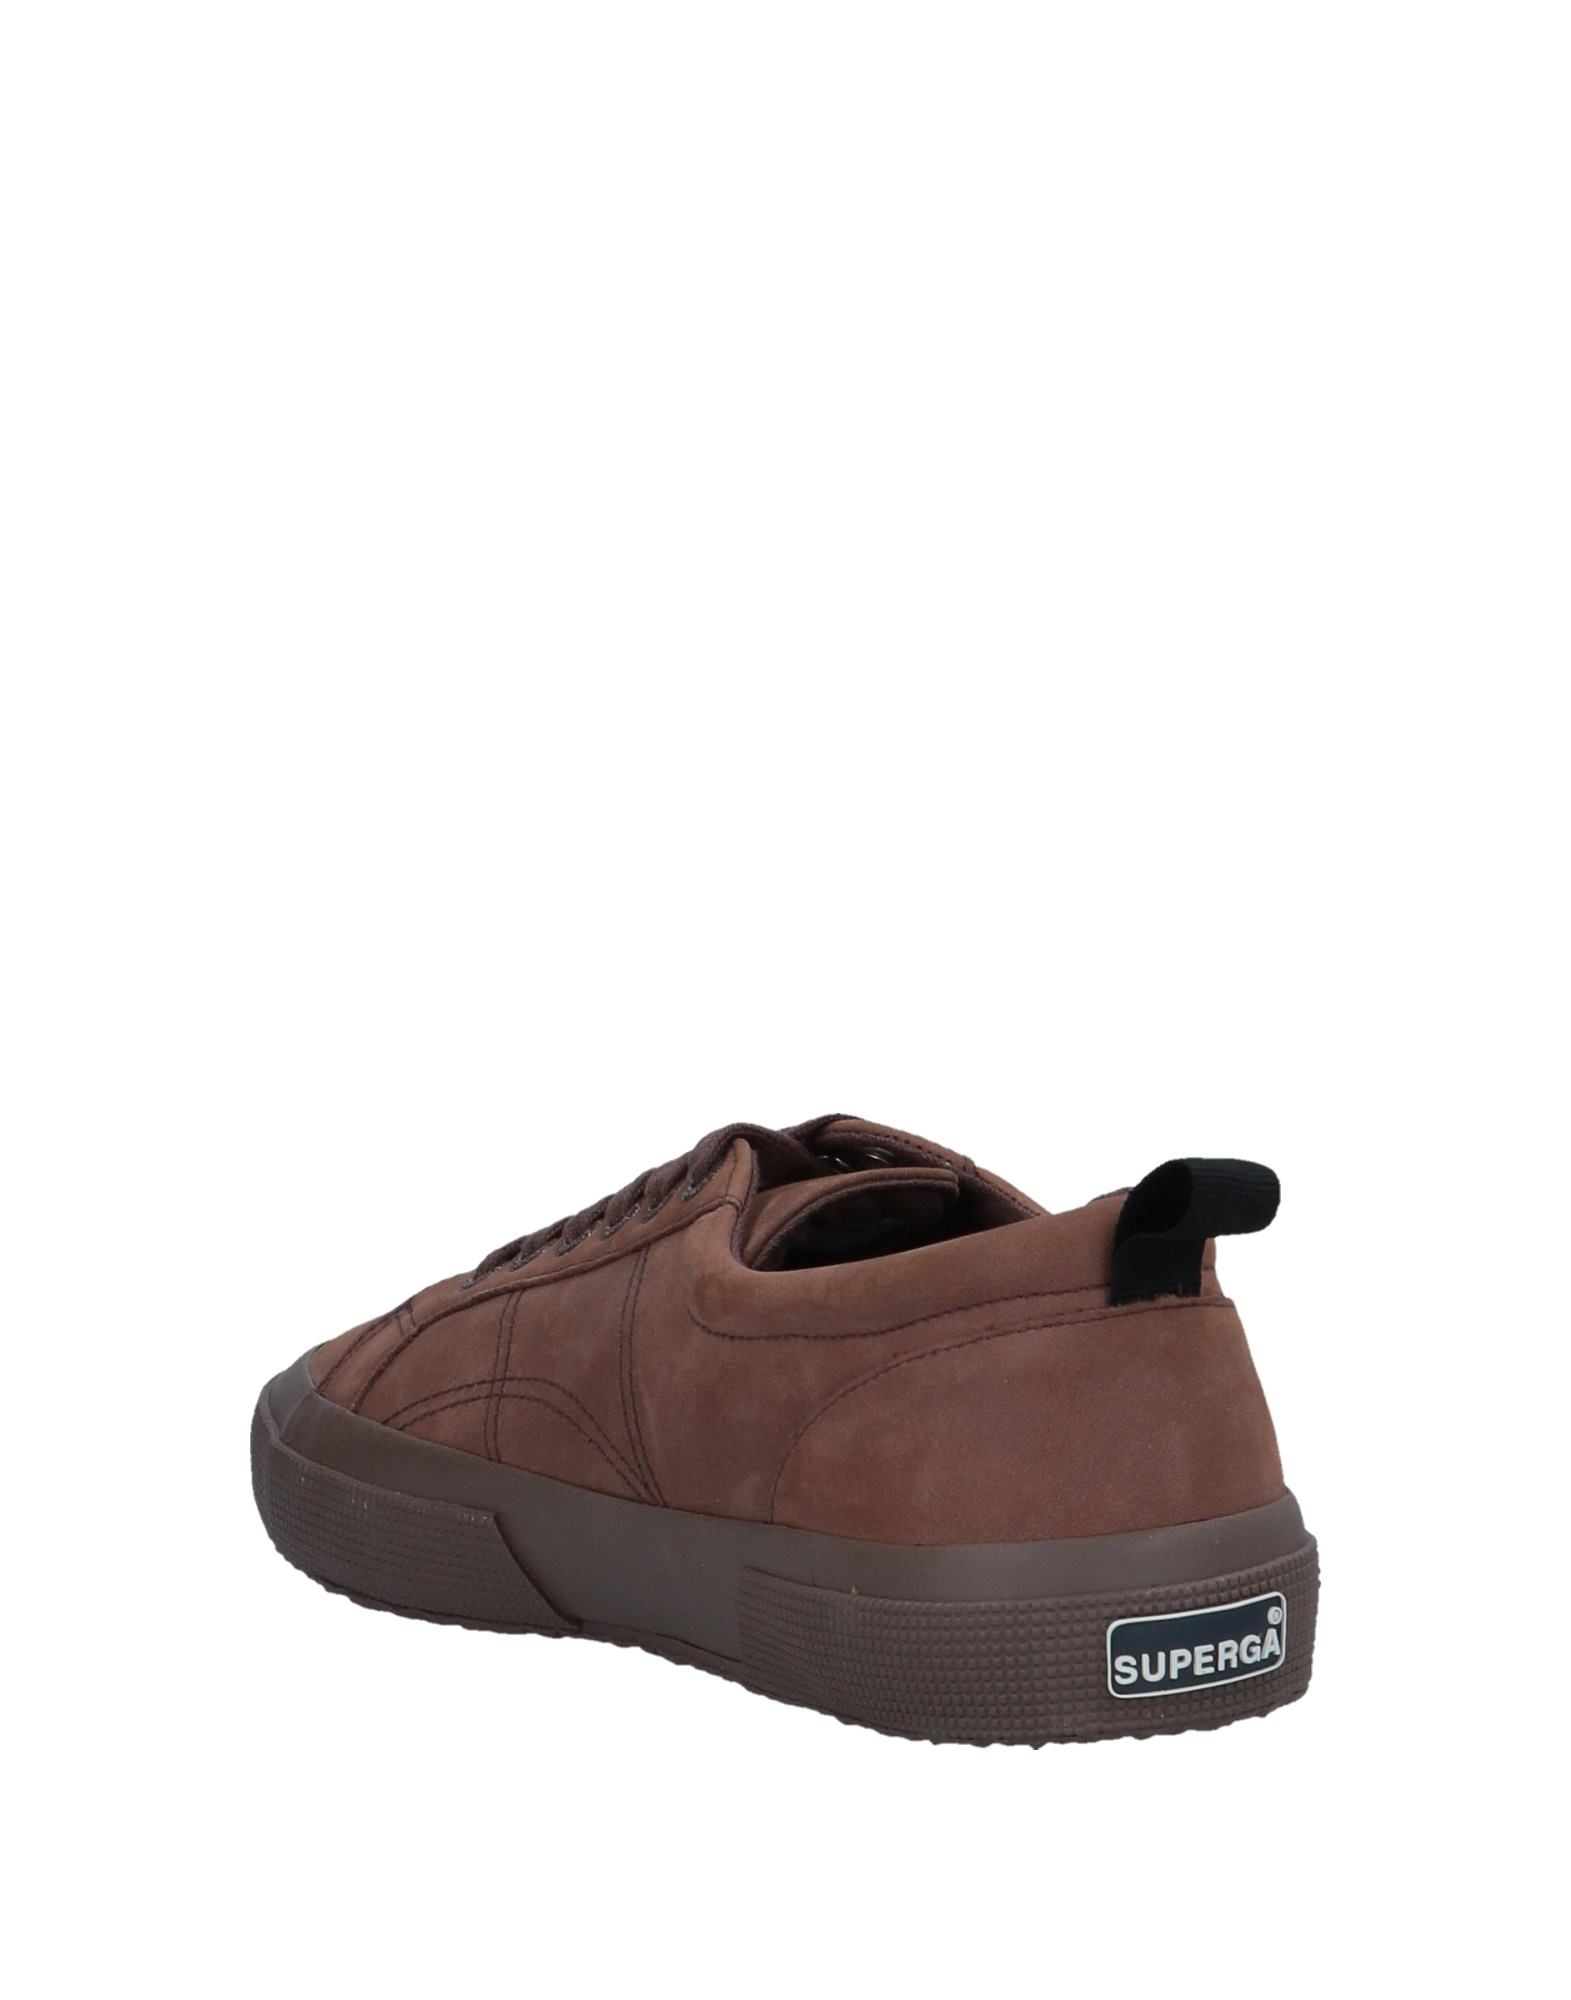 Rabatt Herren echte Schuhe Superga® Sneakers Herren Rabatt  11539284IX 824766